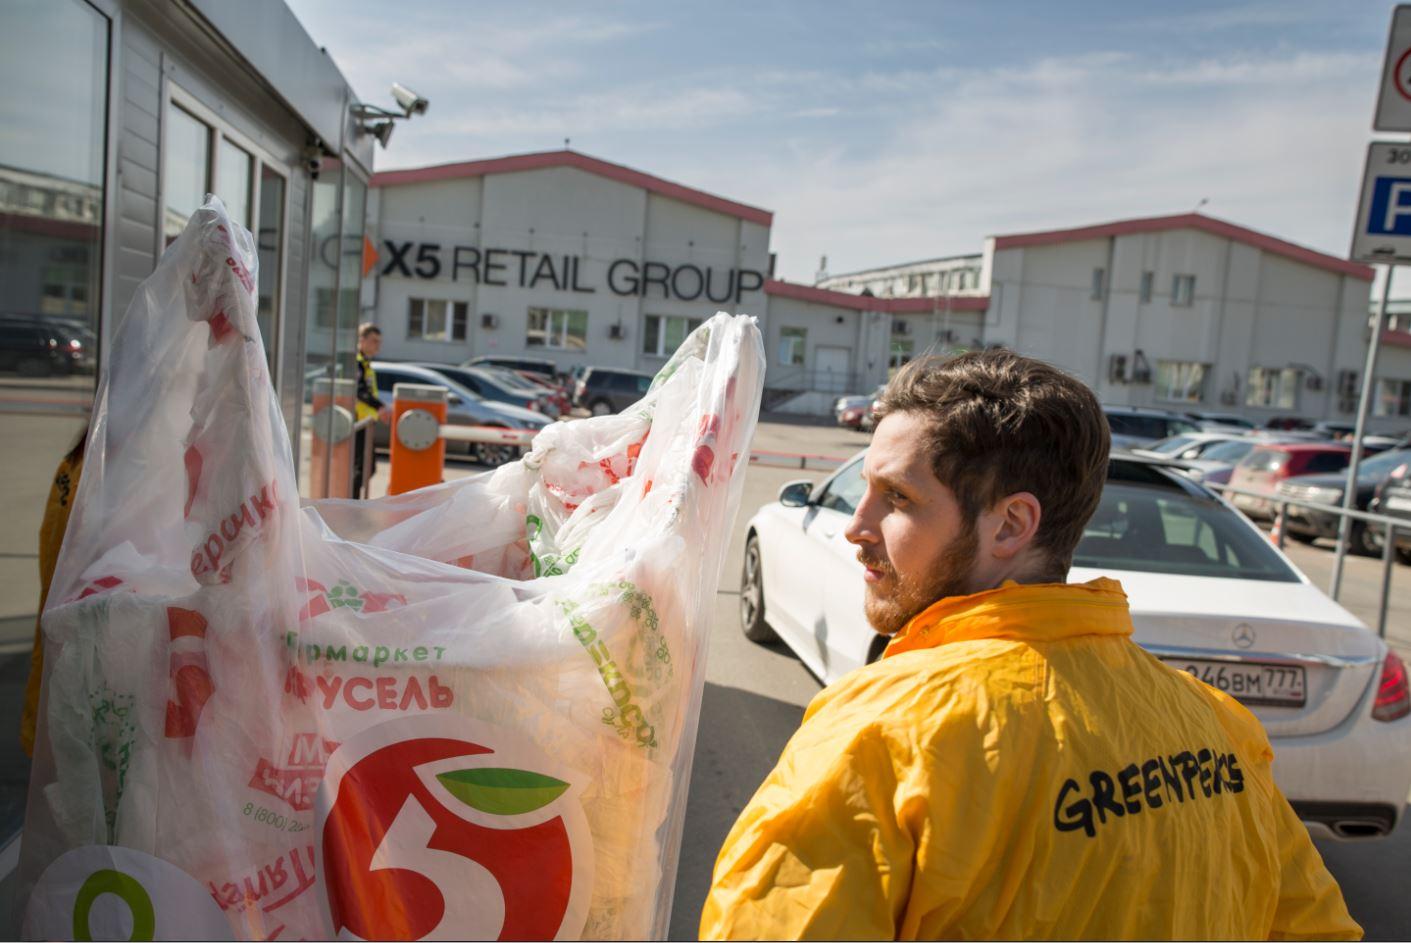 Пакет с пакетами: что делают ритейлеры для защиты окружающей среды